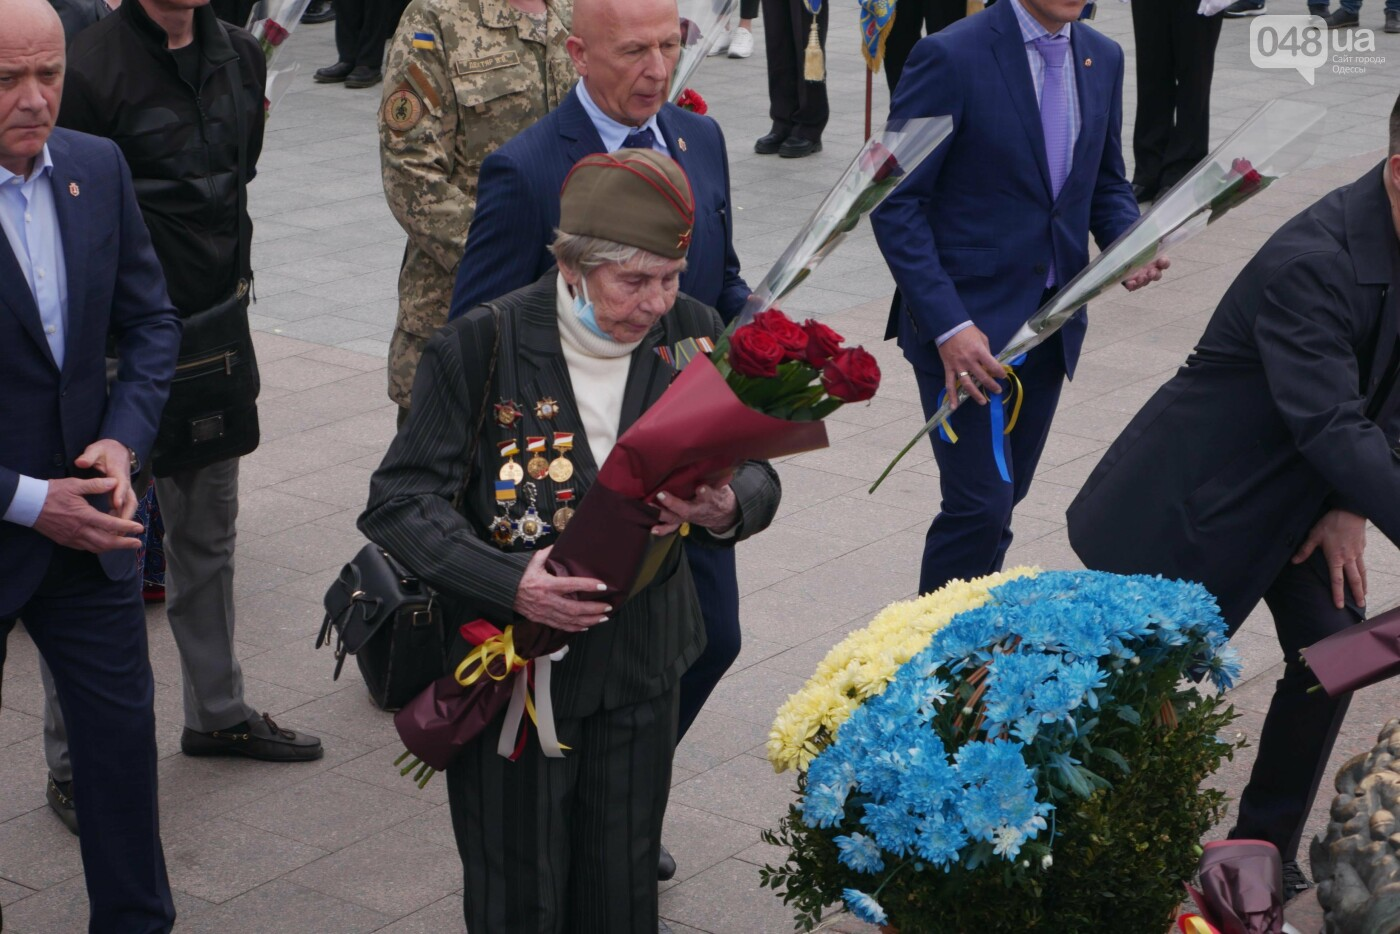 Бантики, гвоздики и маски: как школьники Одессы маршировали ко Дню Победы, - ФОТОРЕПОРТАЖ, фото-22